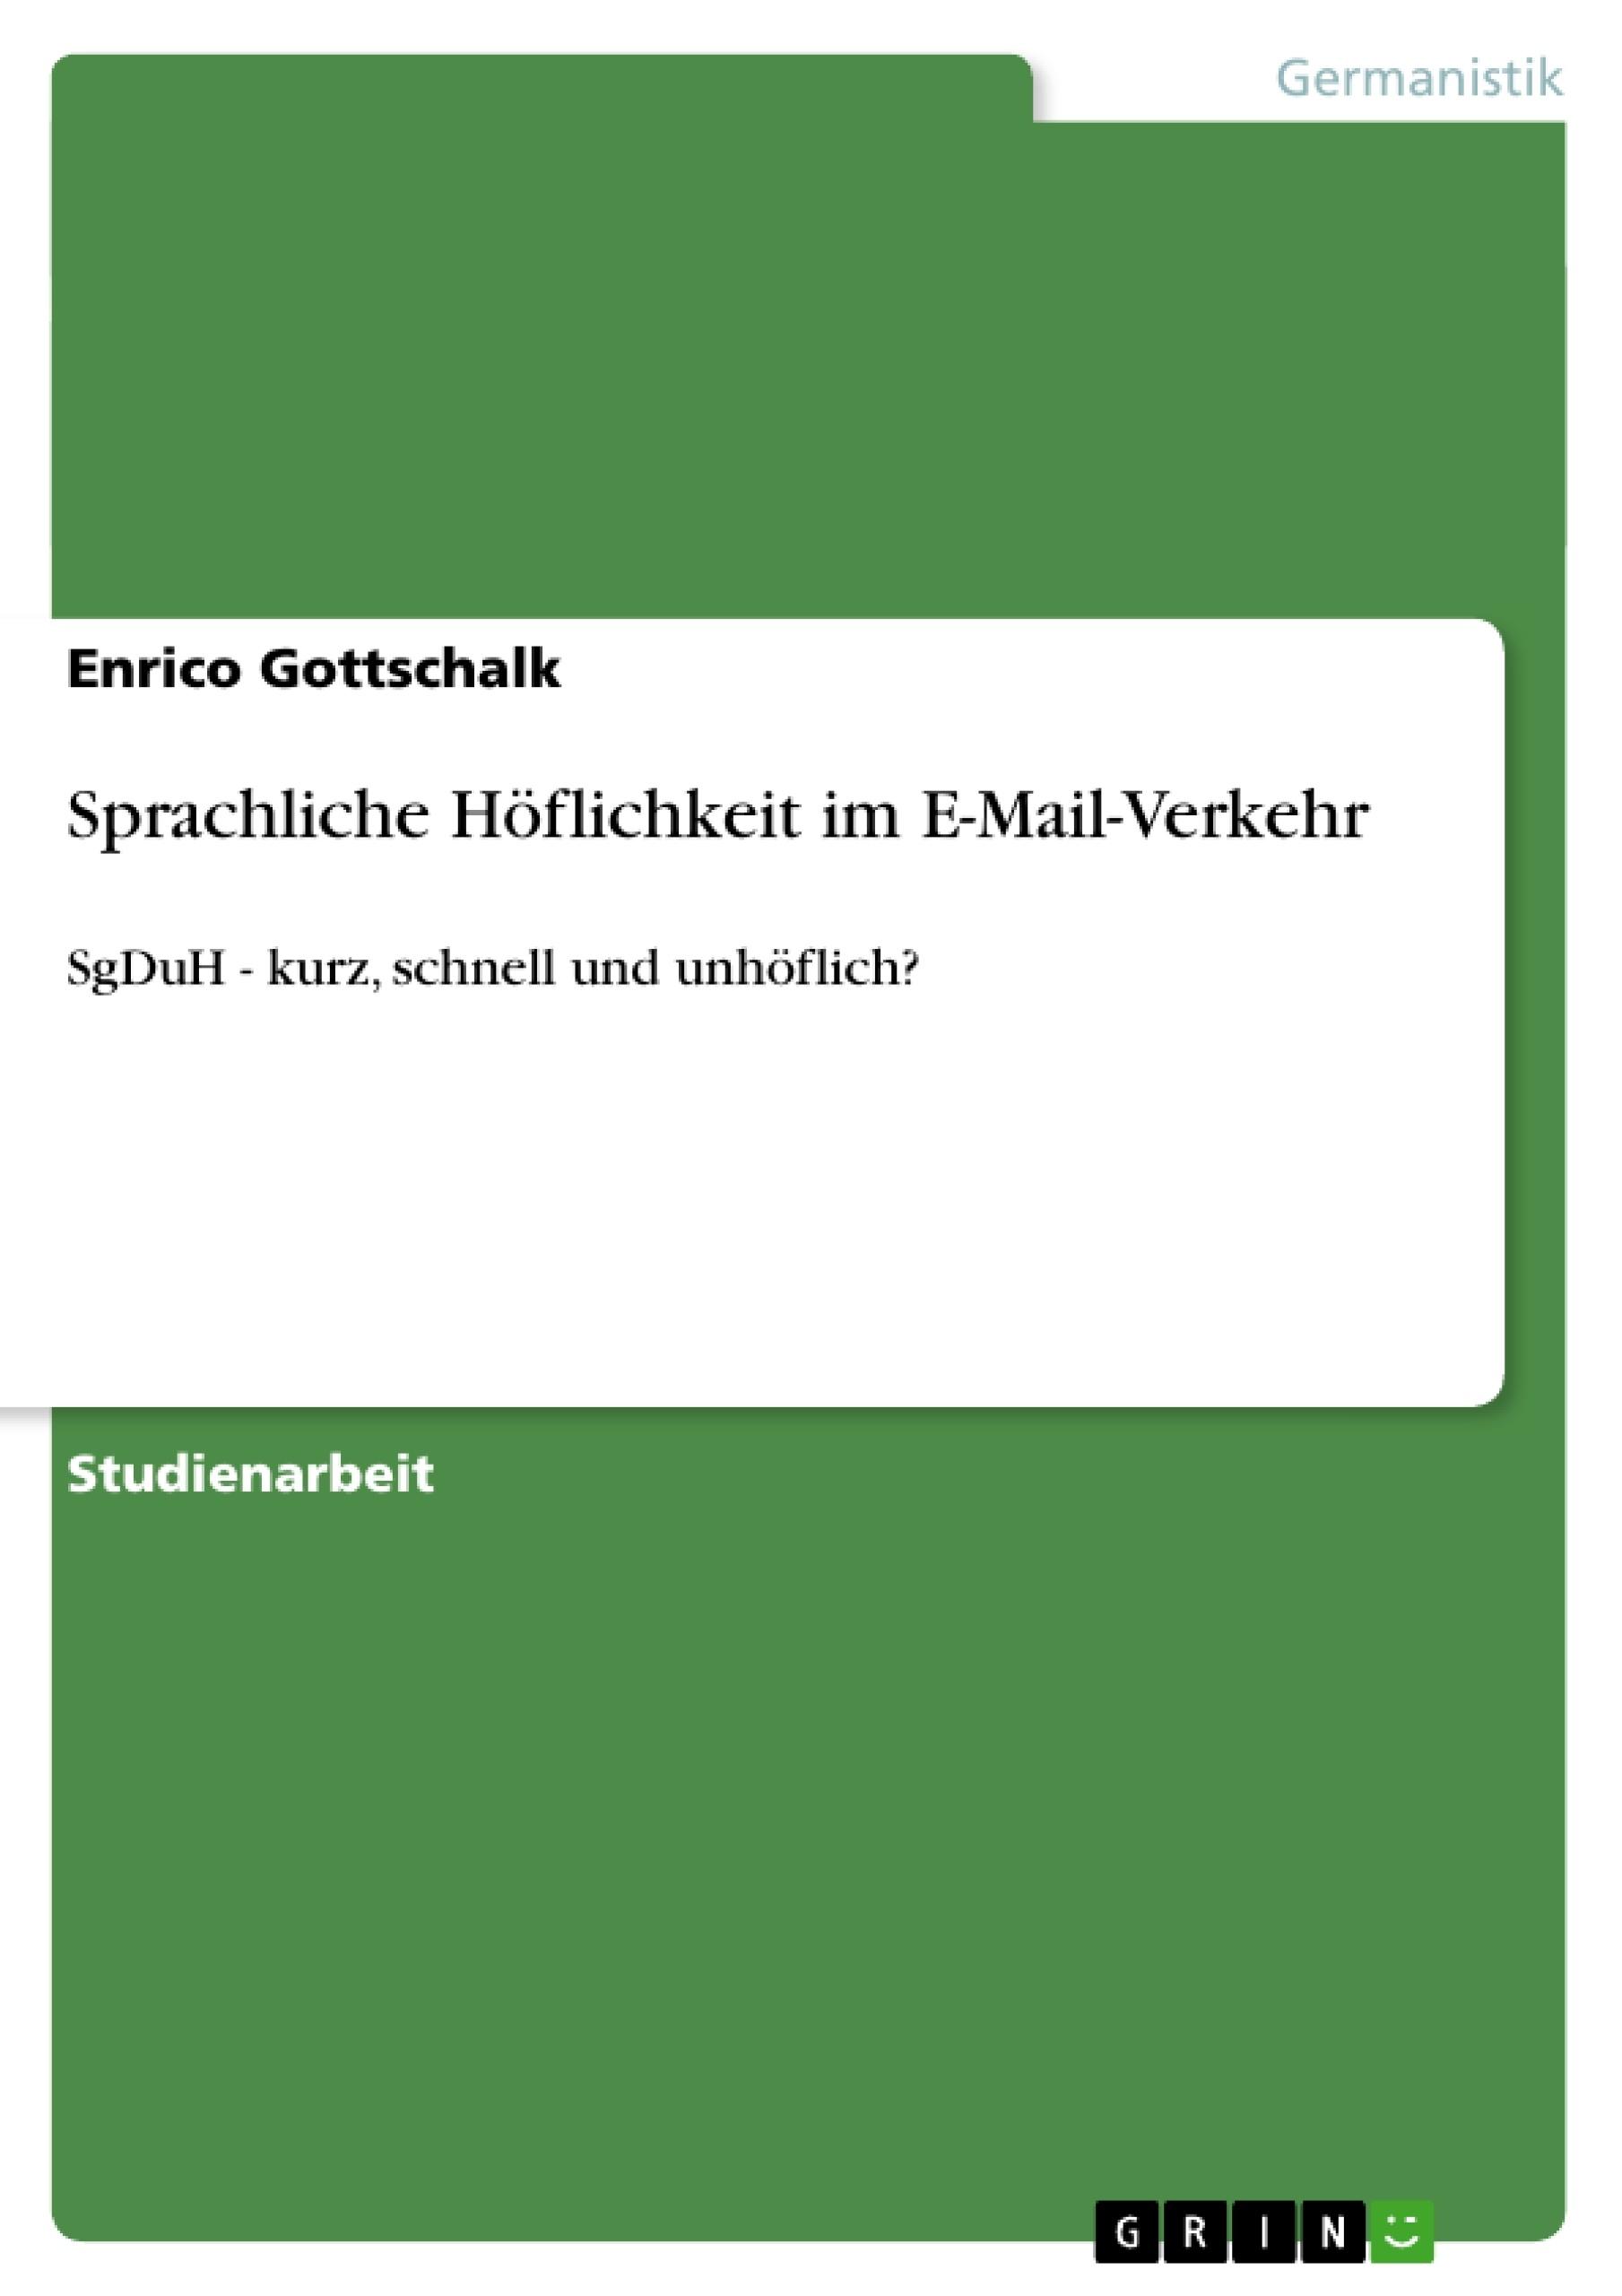 Titel: Sprachliche Höflichkeit im E-Mail-Verkehr